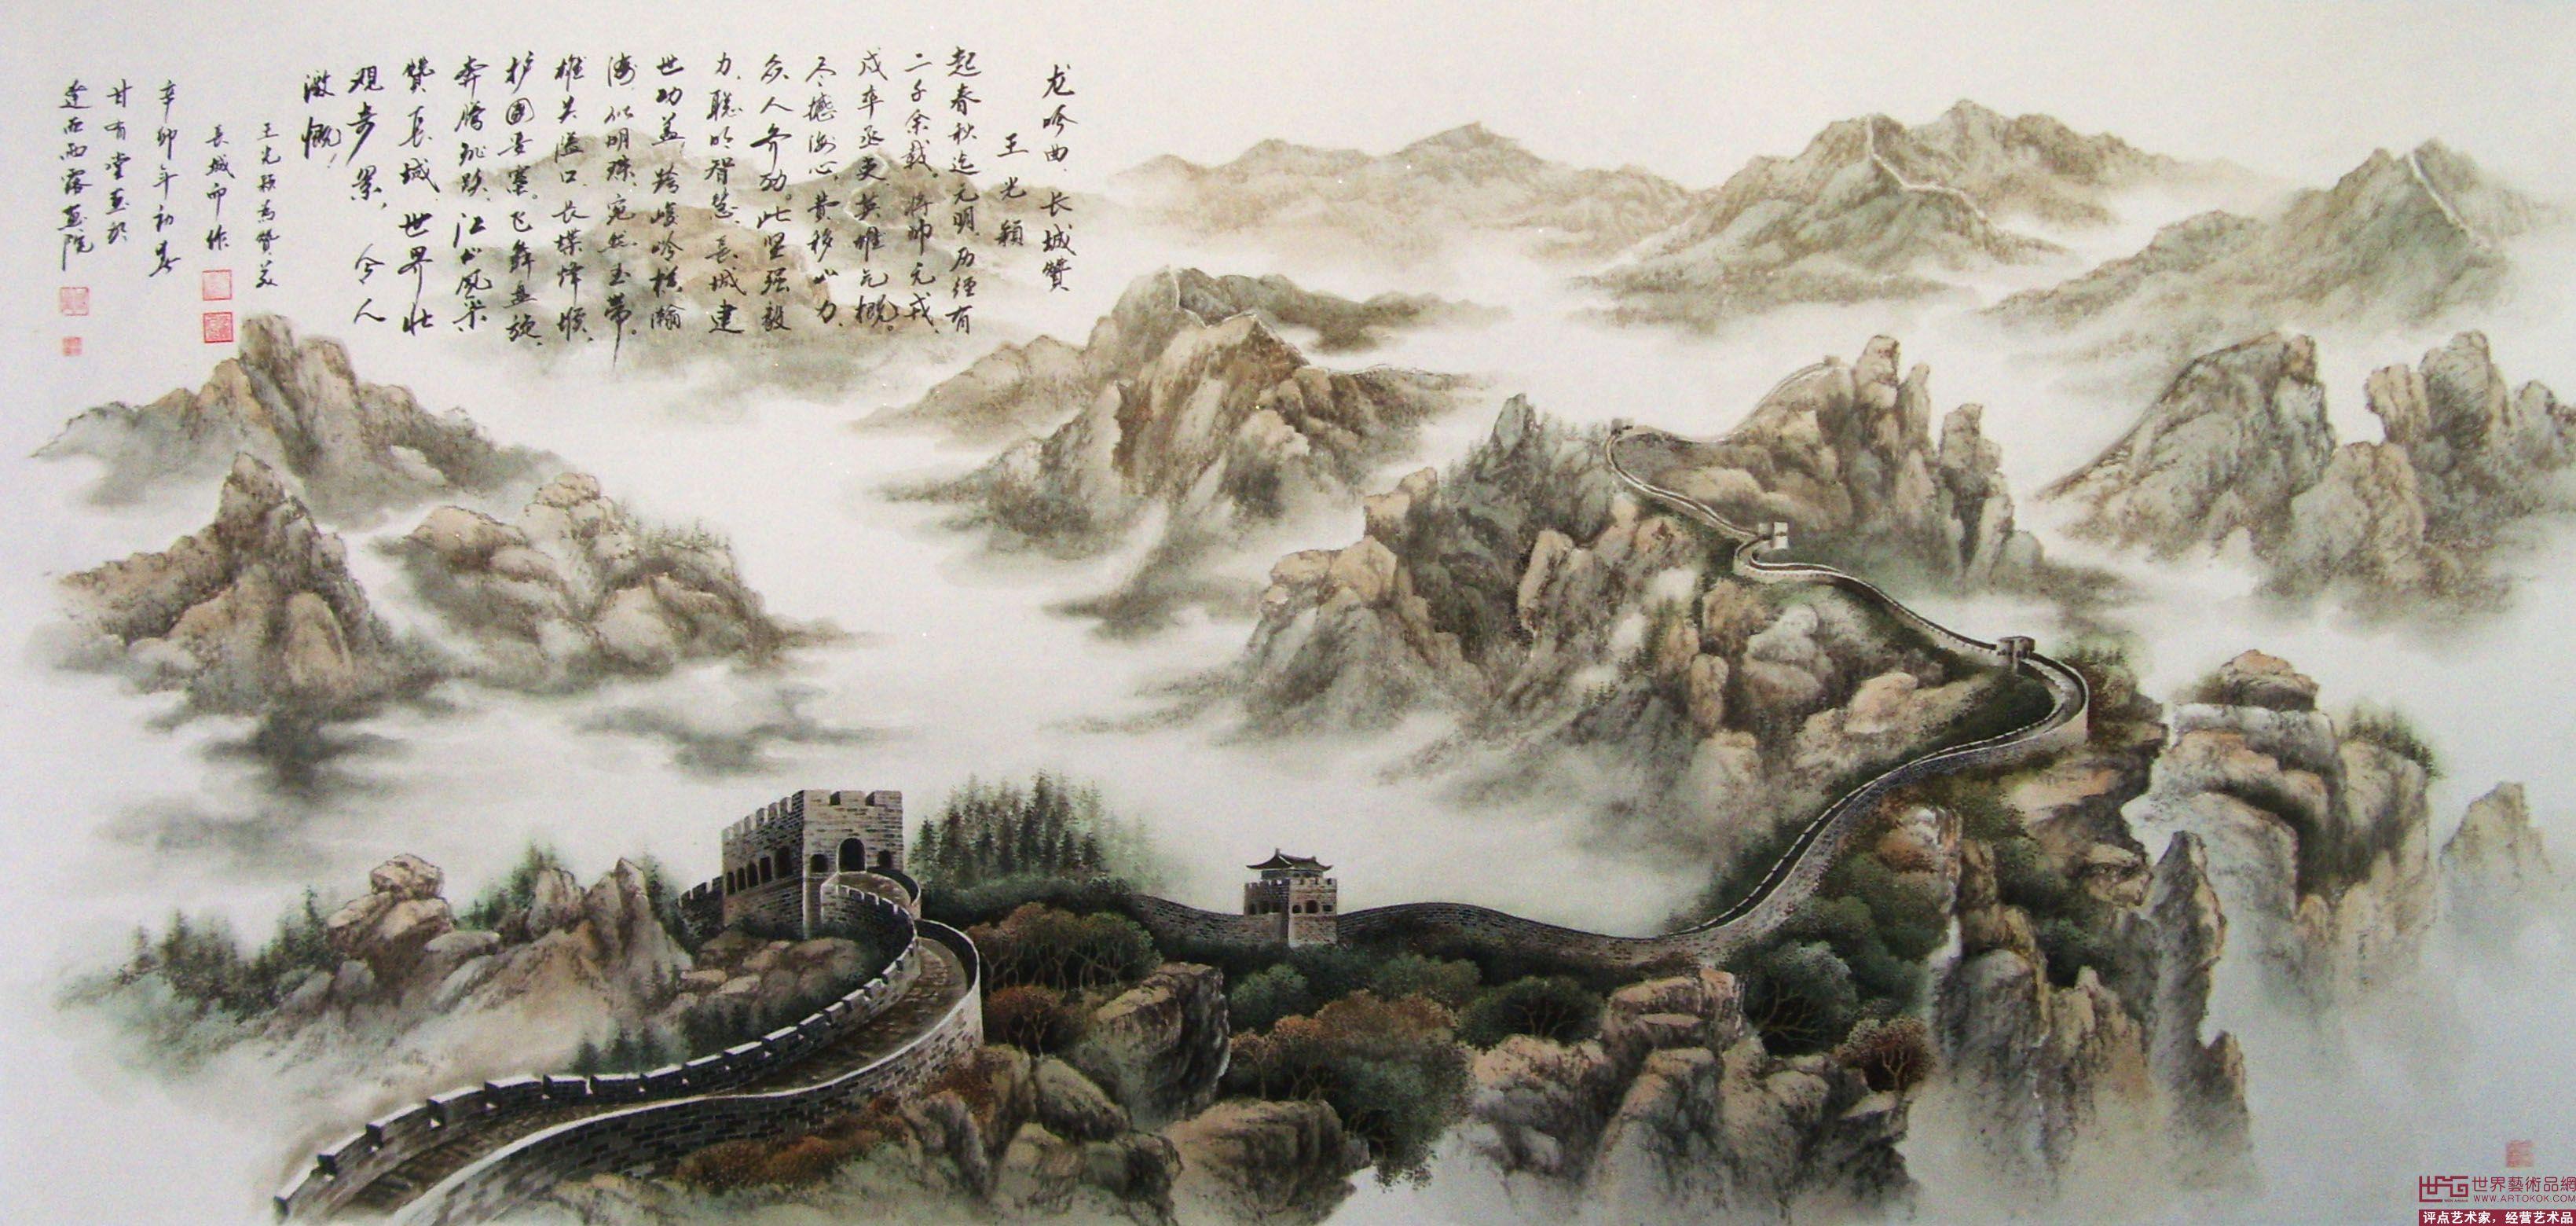 六尺书画精品万里长城 王光颖诗词书画 高清图片